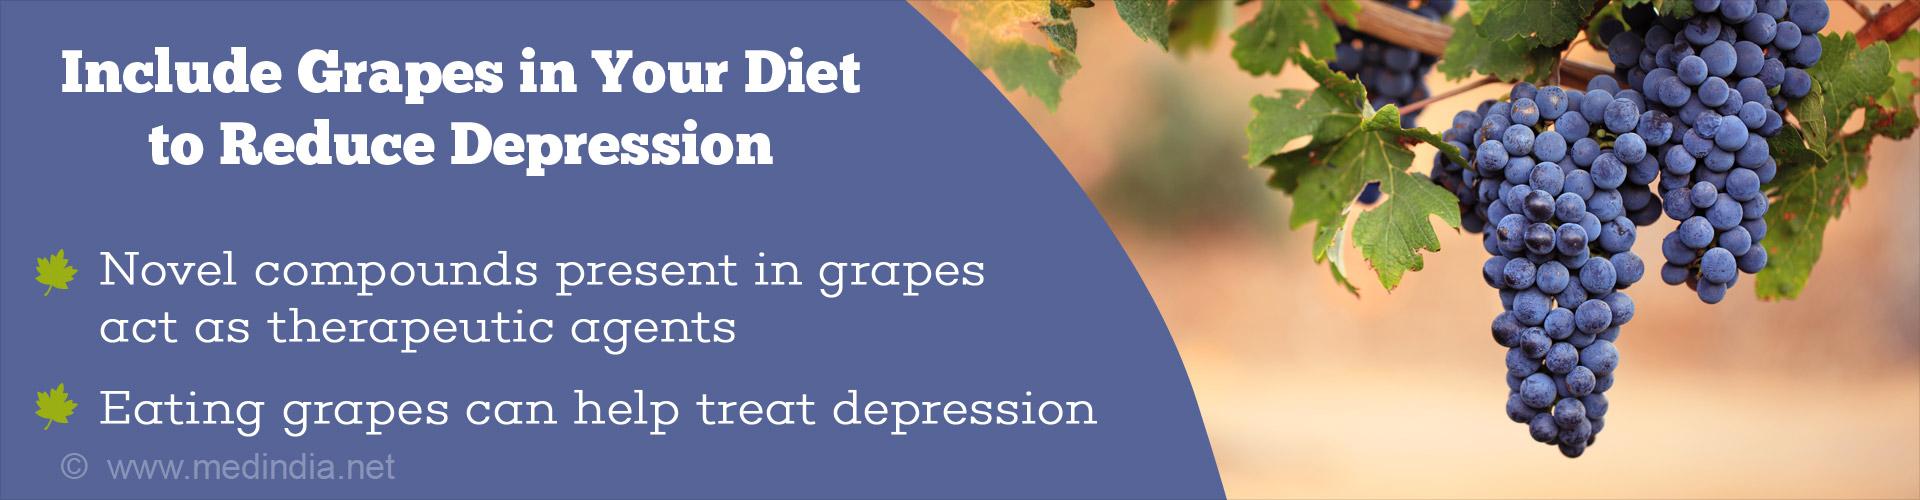 Eat Grapes to Keep Depression at Bay